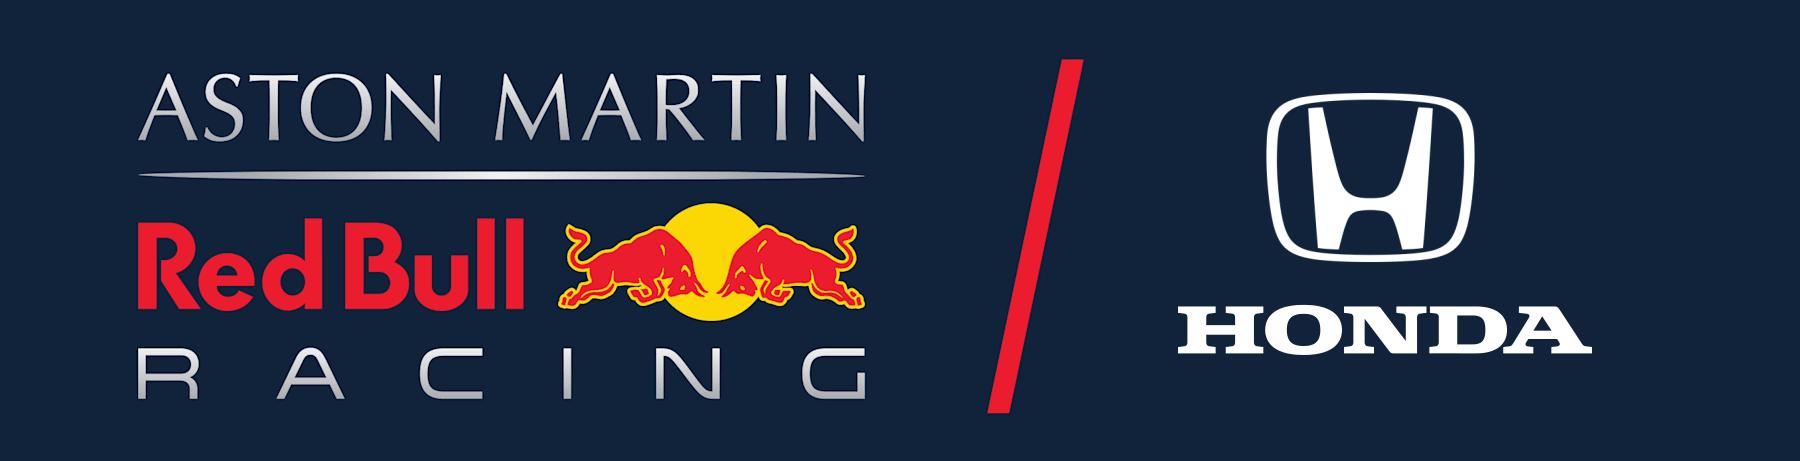 Red Bull Honda.png